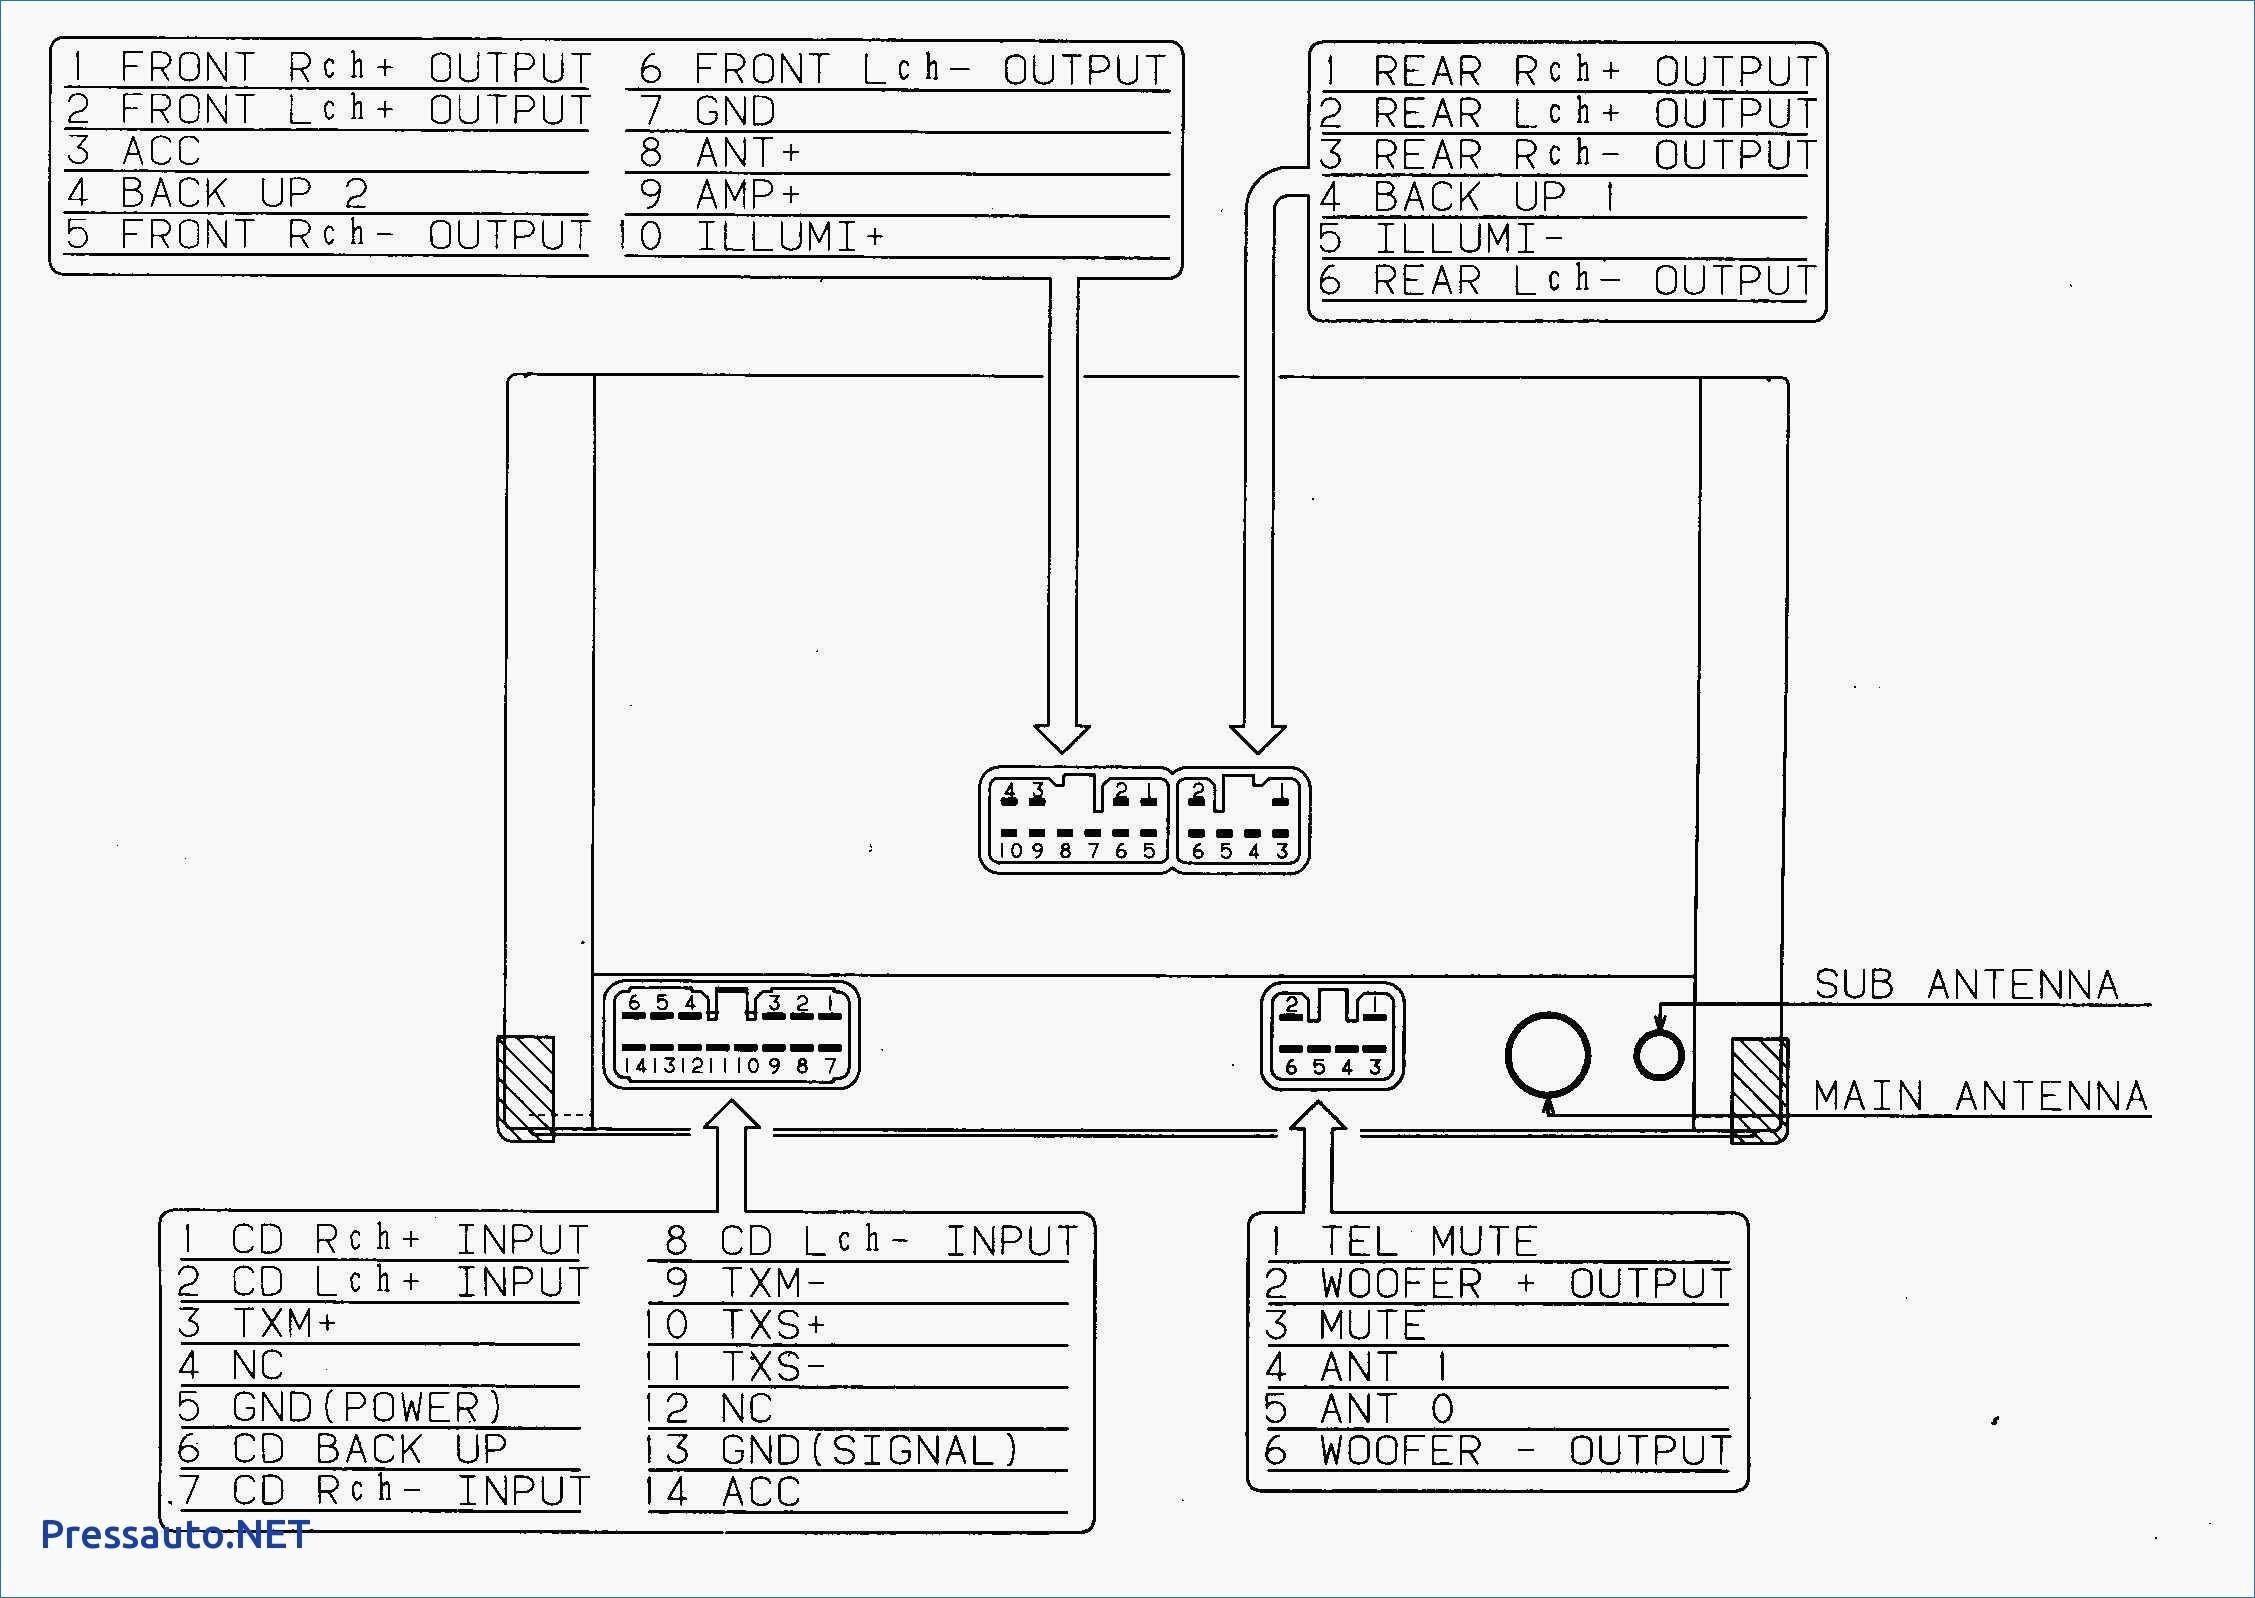 pioneer deh p4600mp wiring diagram - detroit series 60 ecm wiring diagram  transmission for wiring diagram schematics  wiring diagram schematics